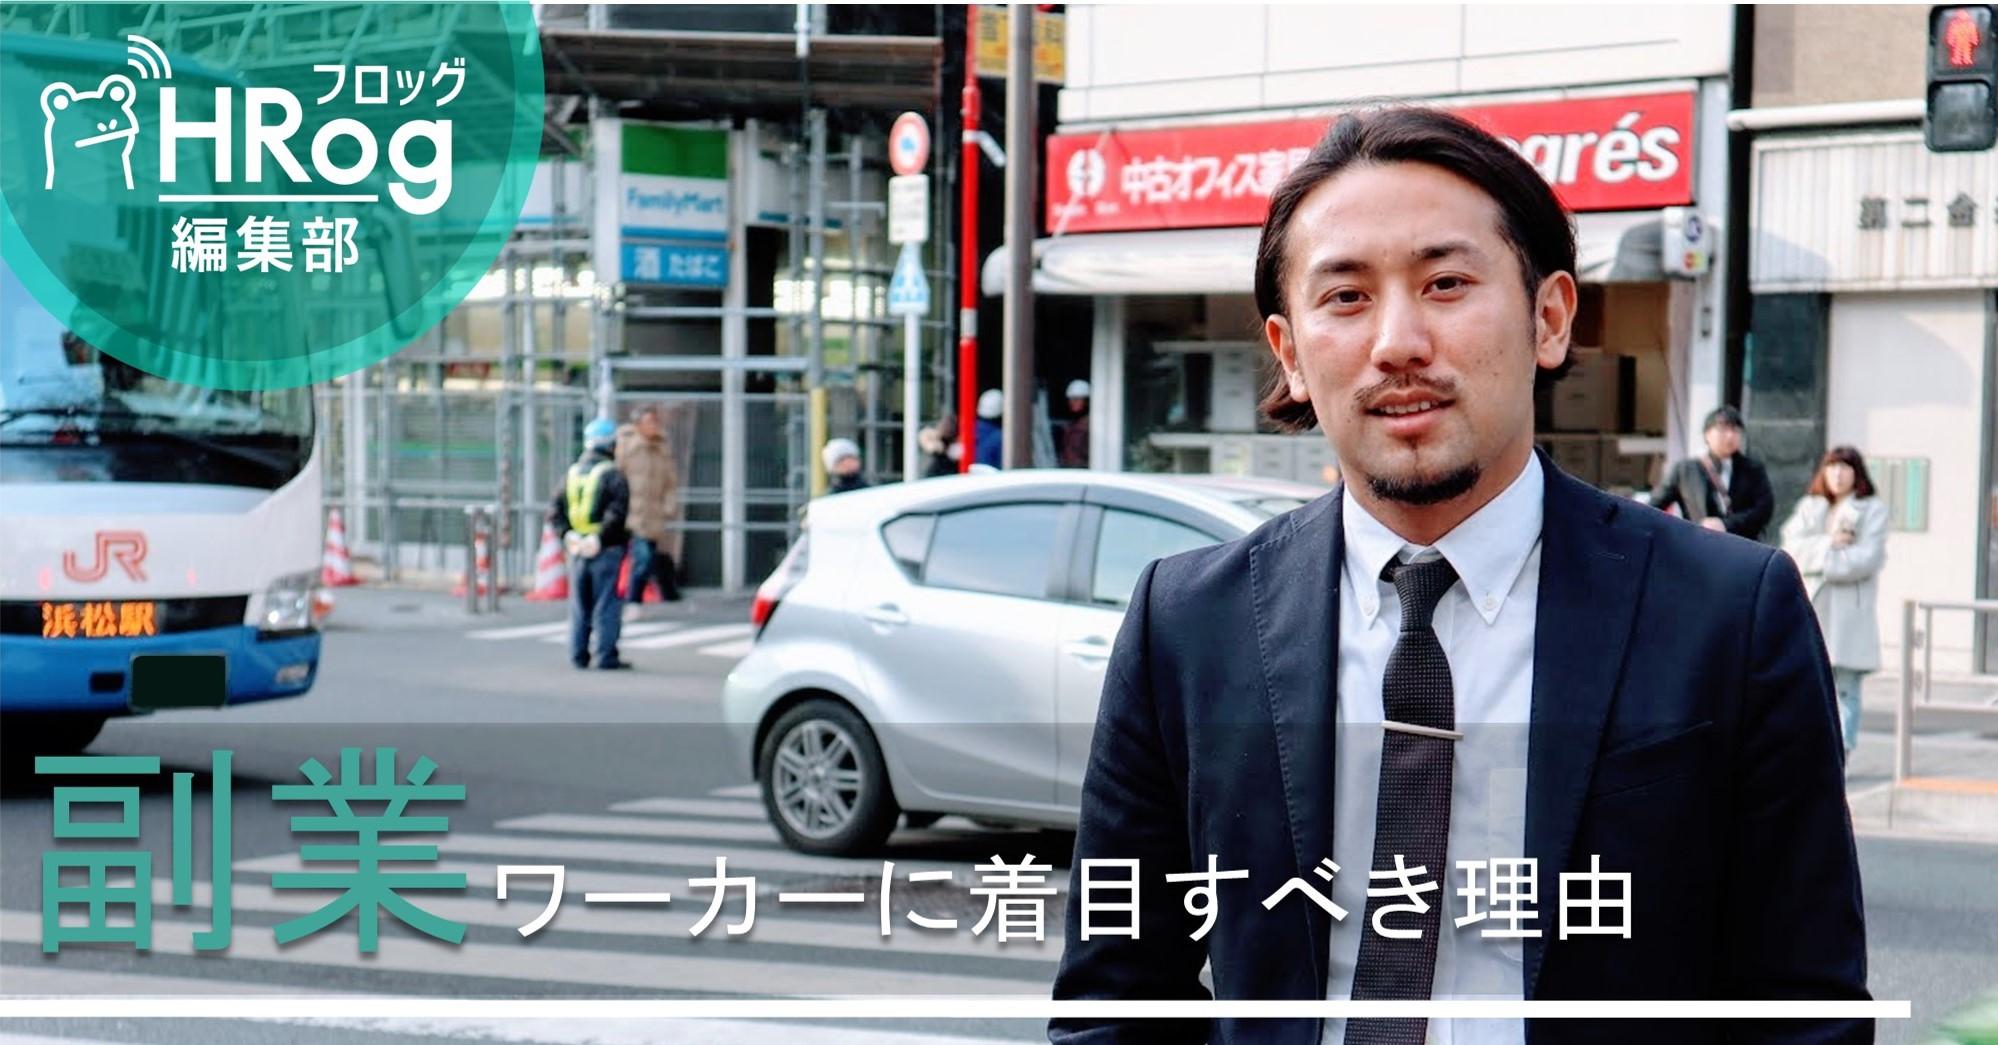 shumatsu_ogp2